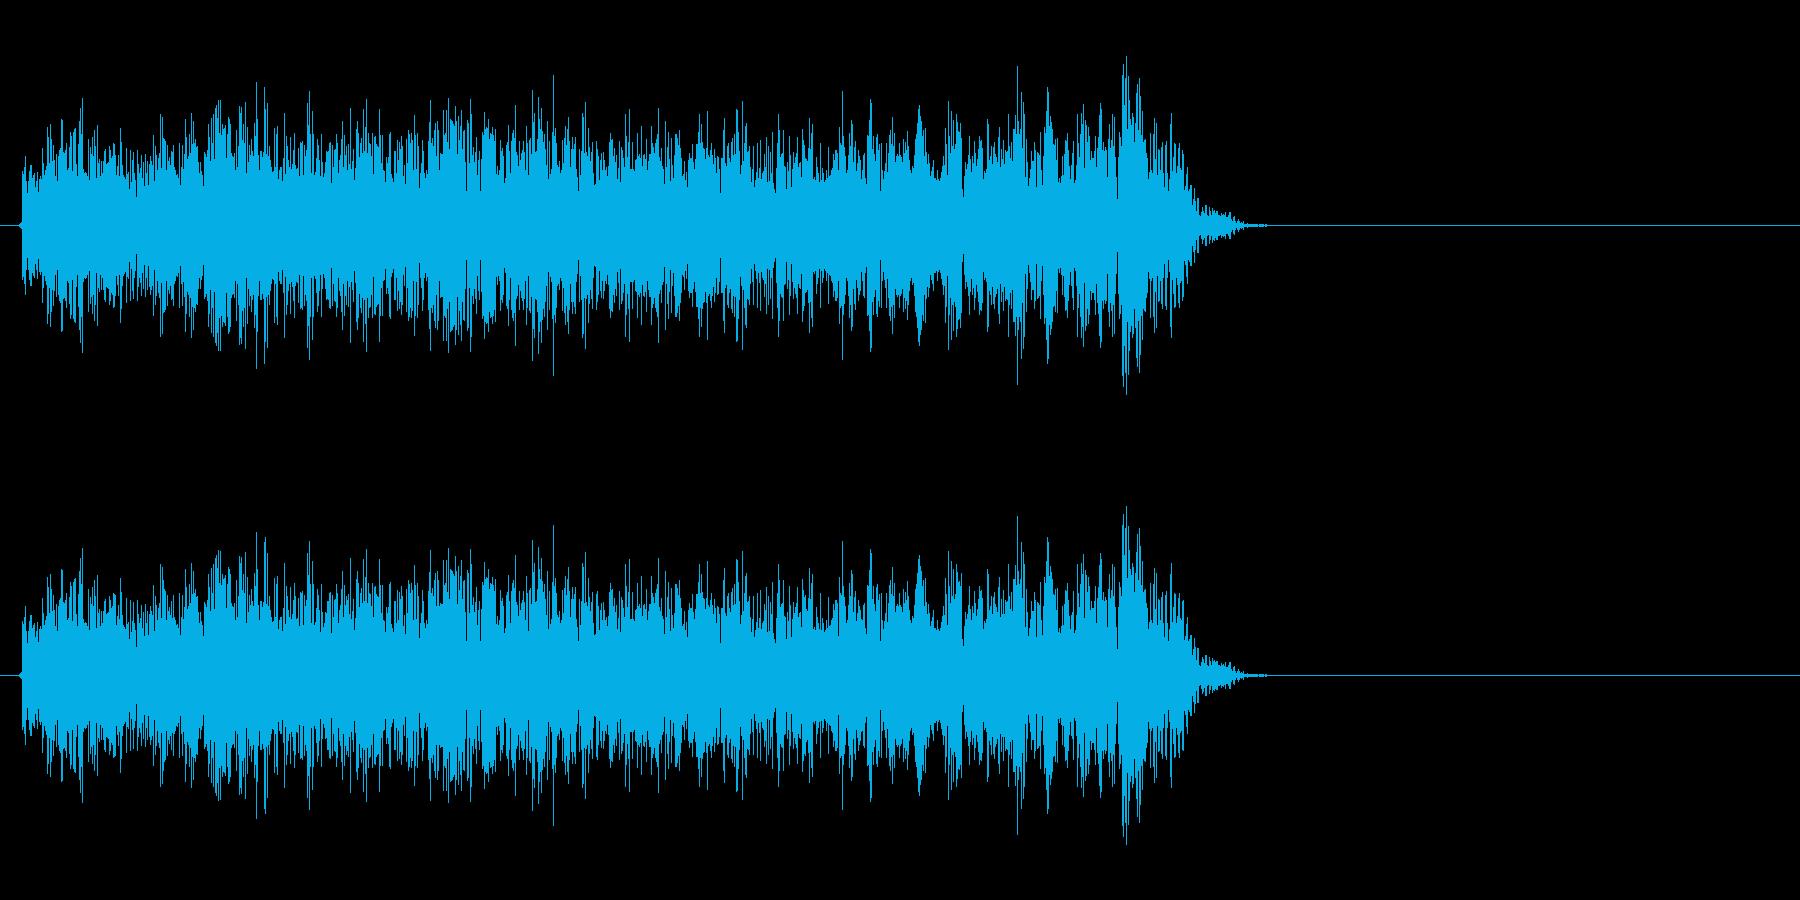 特撮などで使うビーム光線のような音ですの再生済みの波形